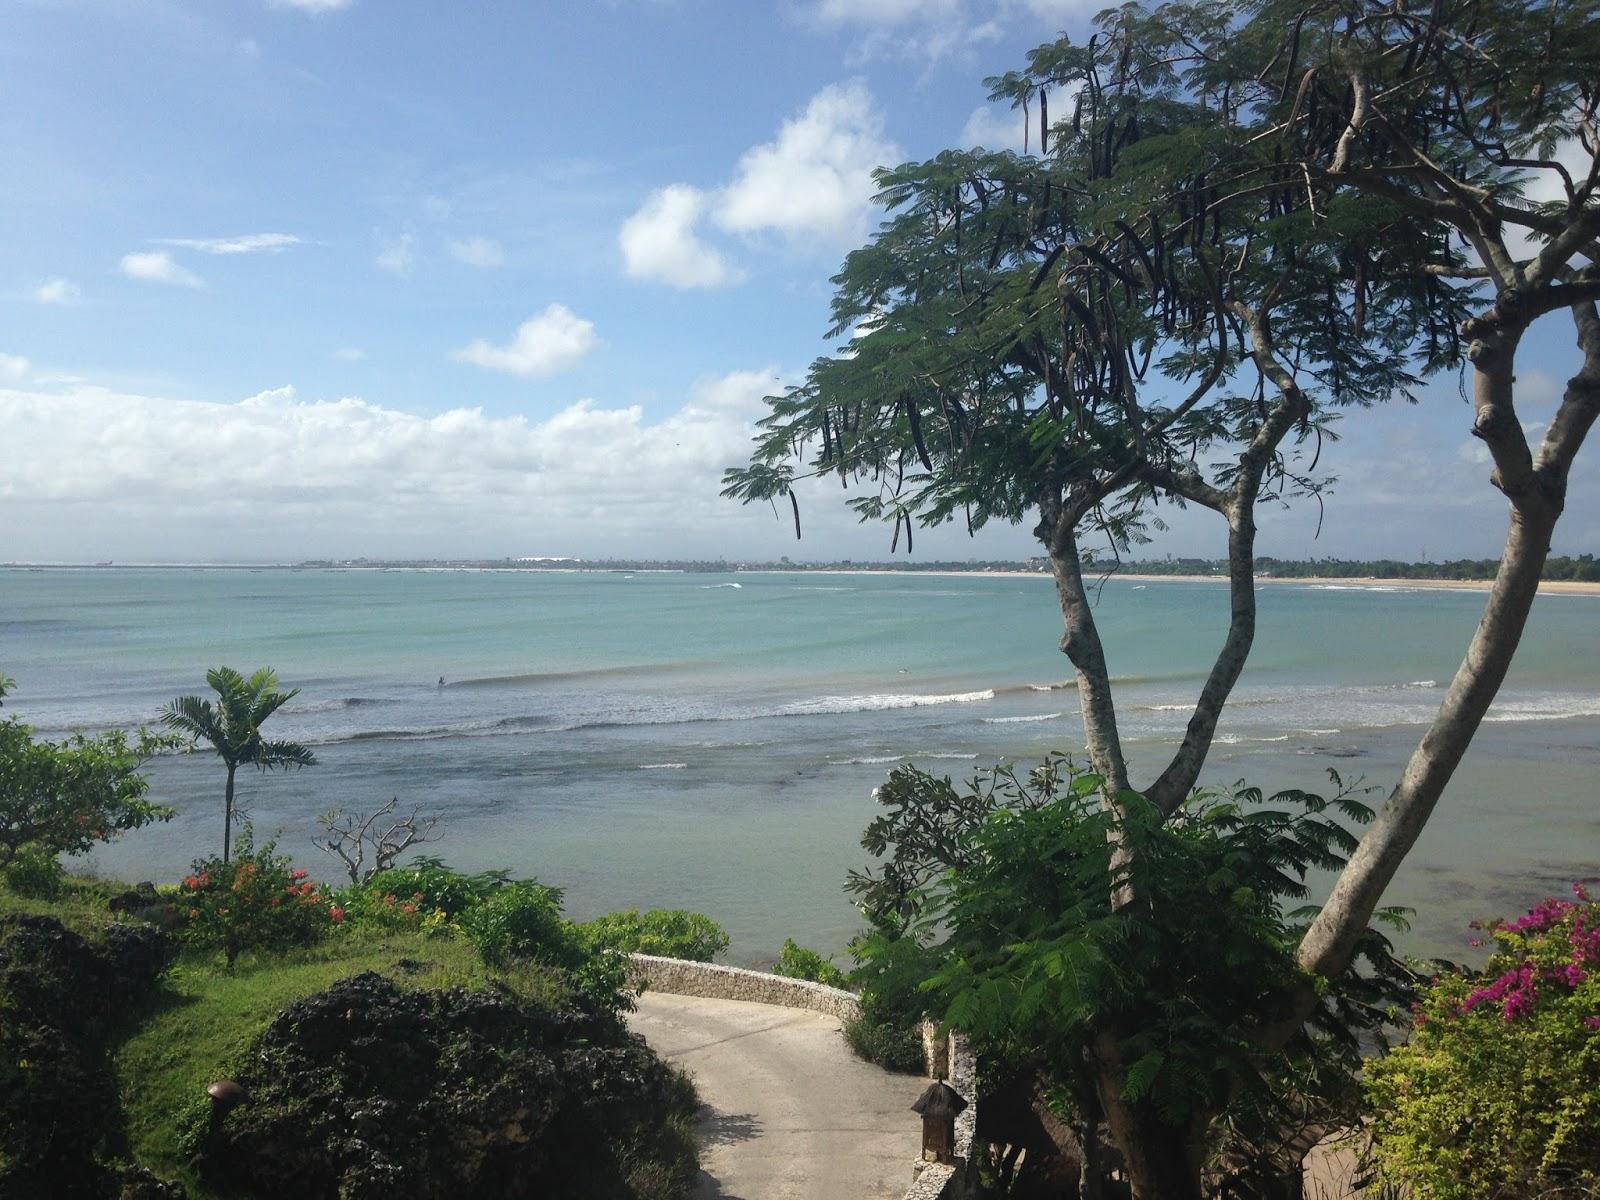 Hotel Jimbaran Bay Beach